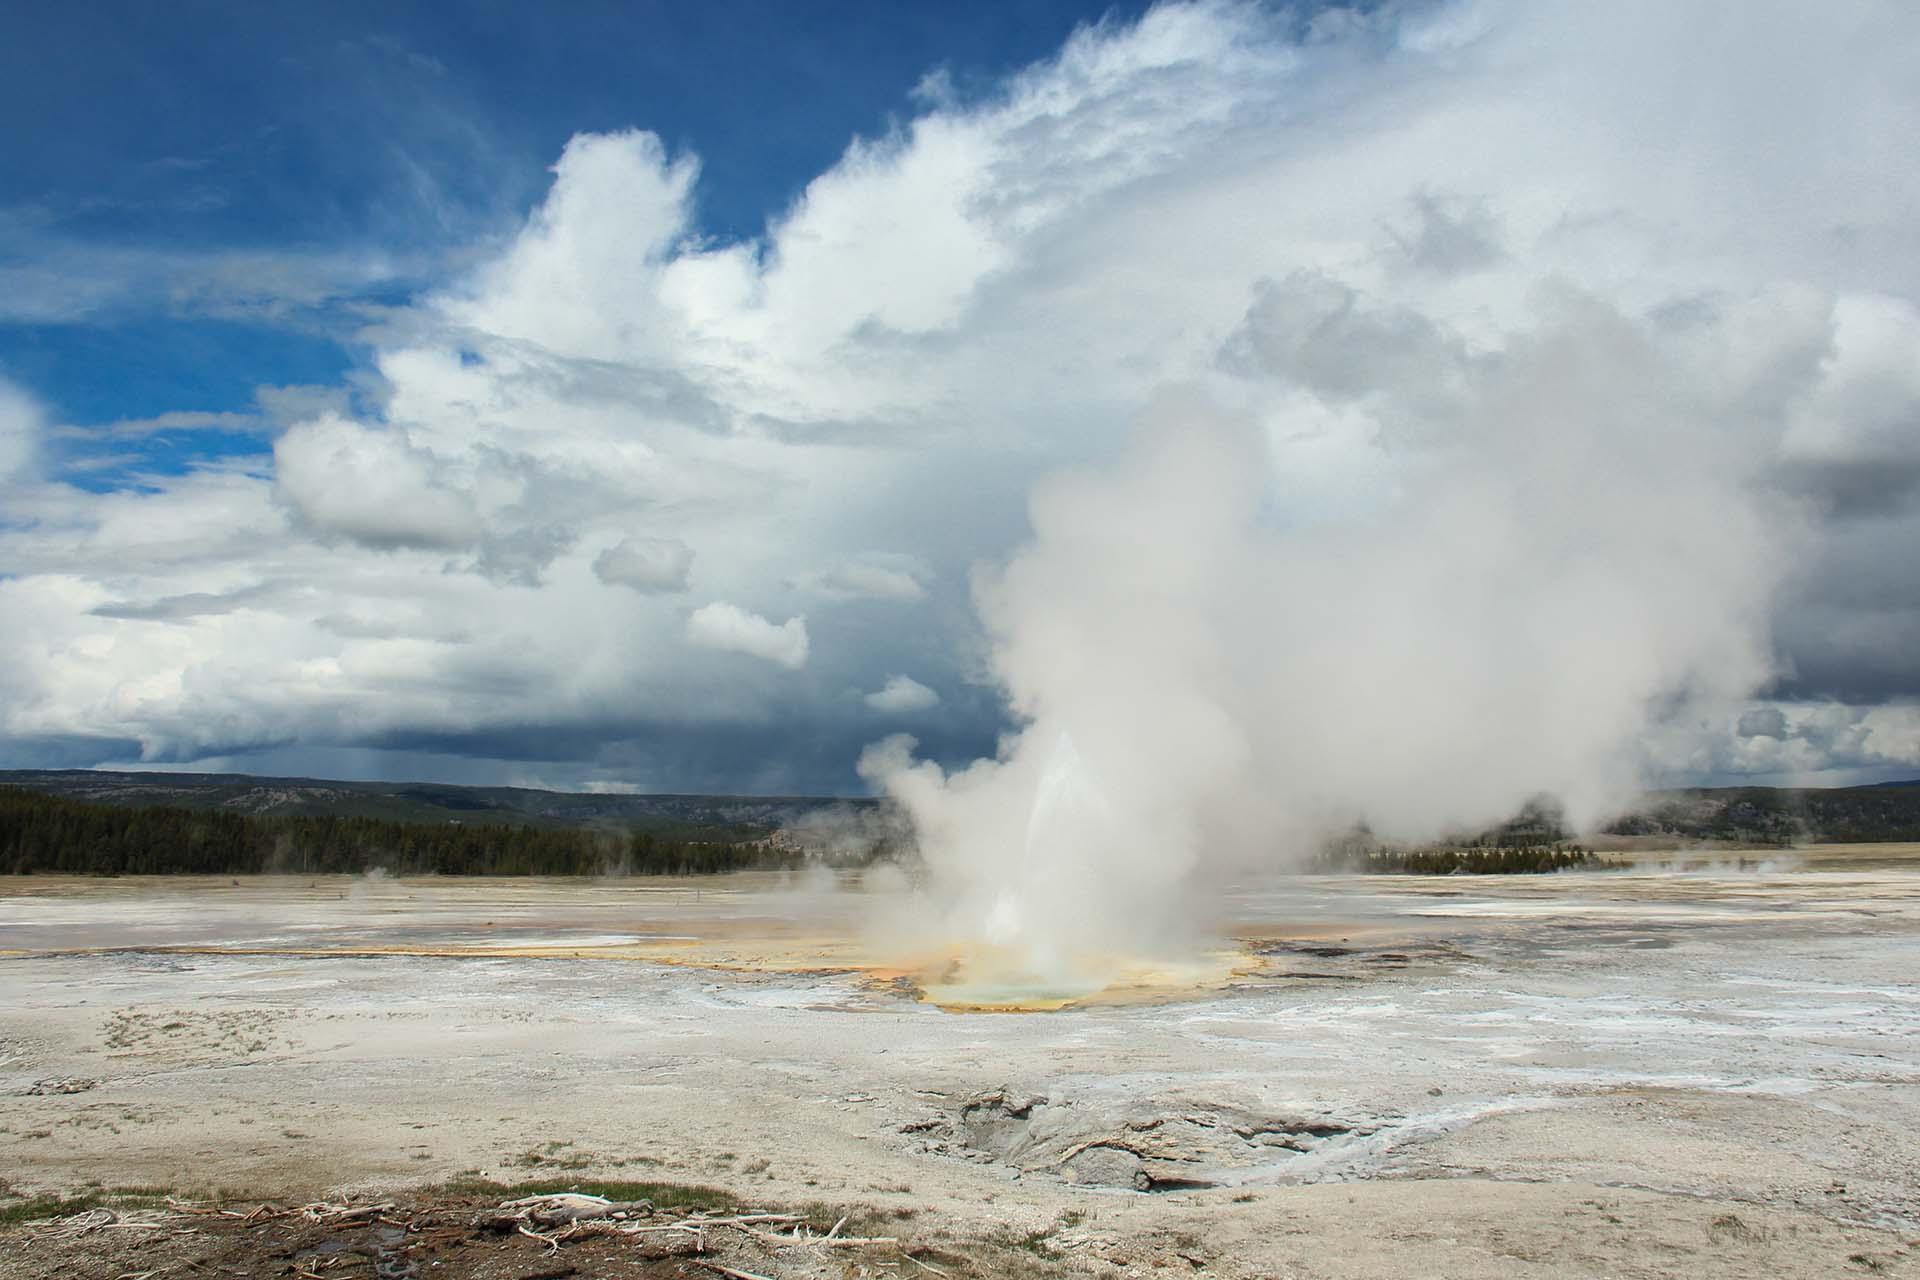 Encontrado en la cuenca del géiser Norris en Wyoming, cuando el géiser Steamboat entra en erupción, el agua puede disparar hasta 90 metros de altura. El géiser Waimangu en Nueva Zelanda, cerca del lago Frying Pan, ha disparado agua a alturas aún mayores, pero no en los últimos 100 años